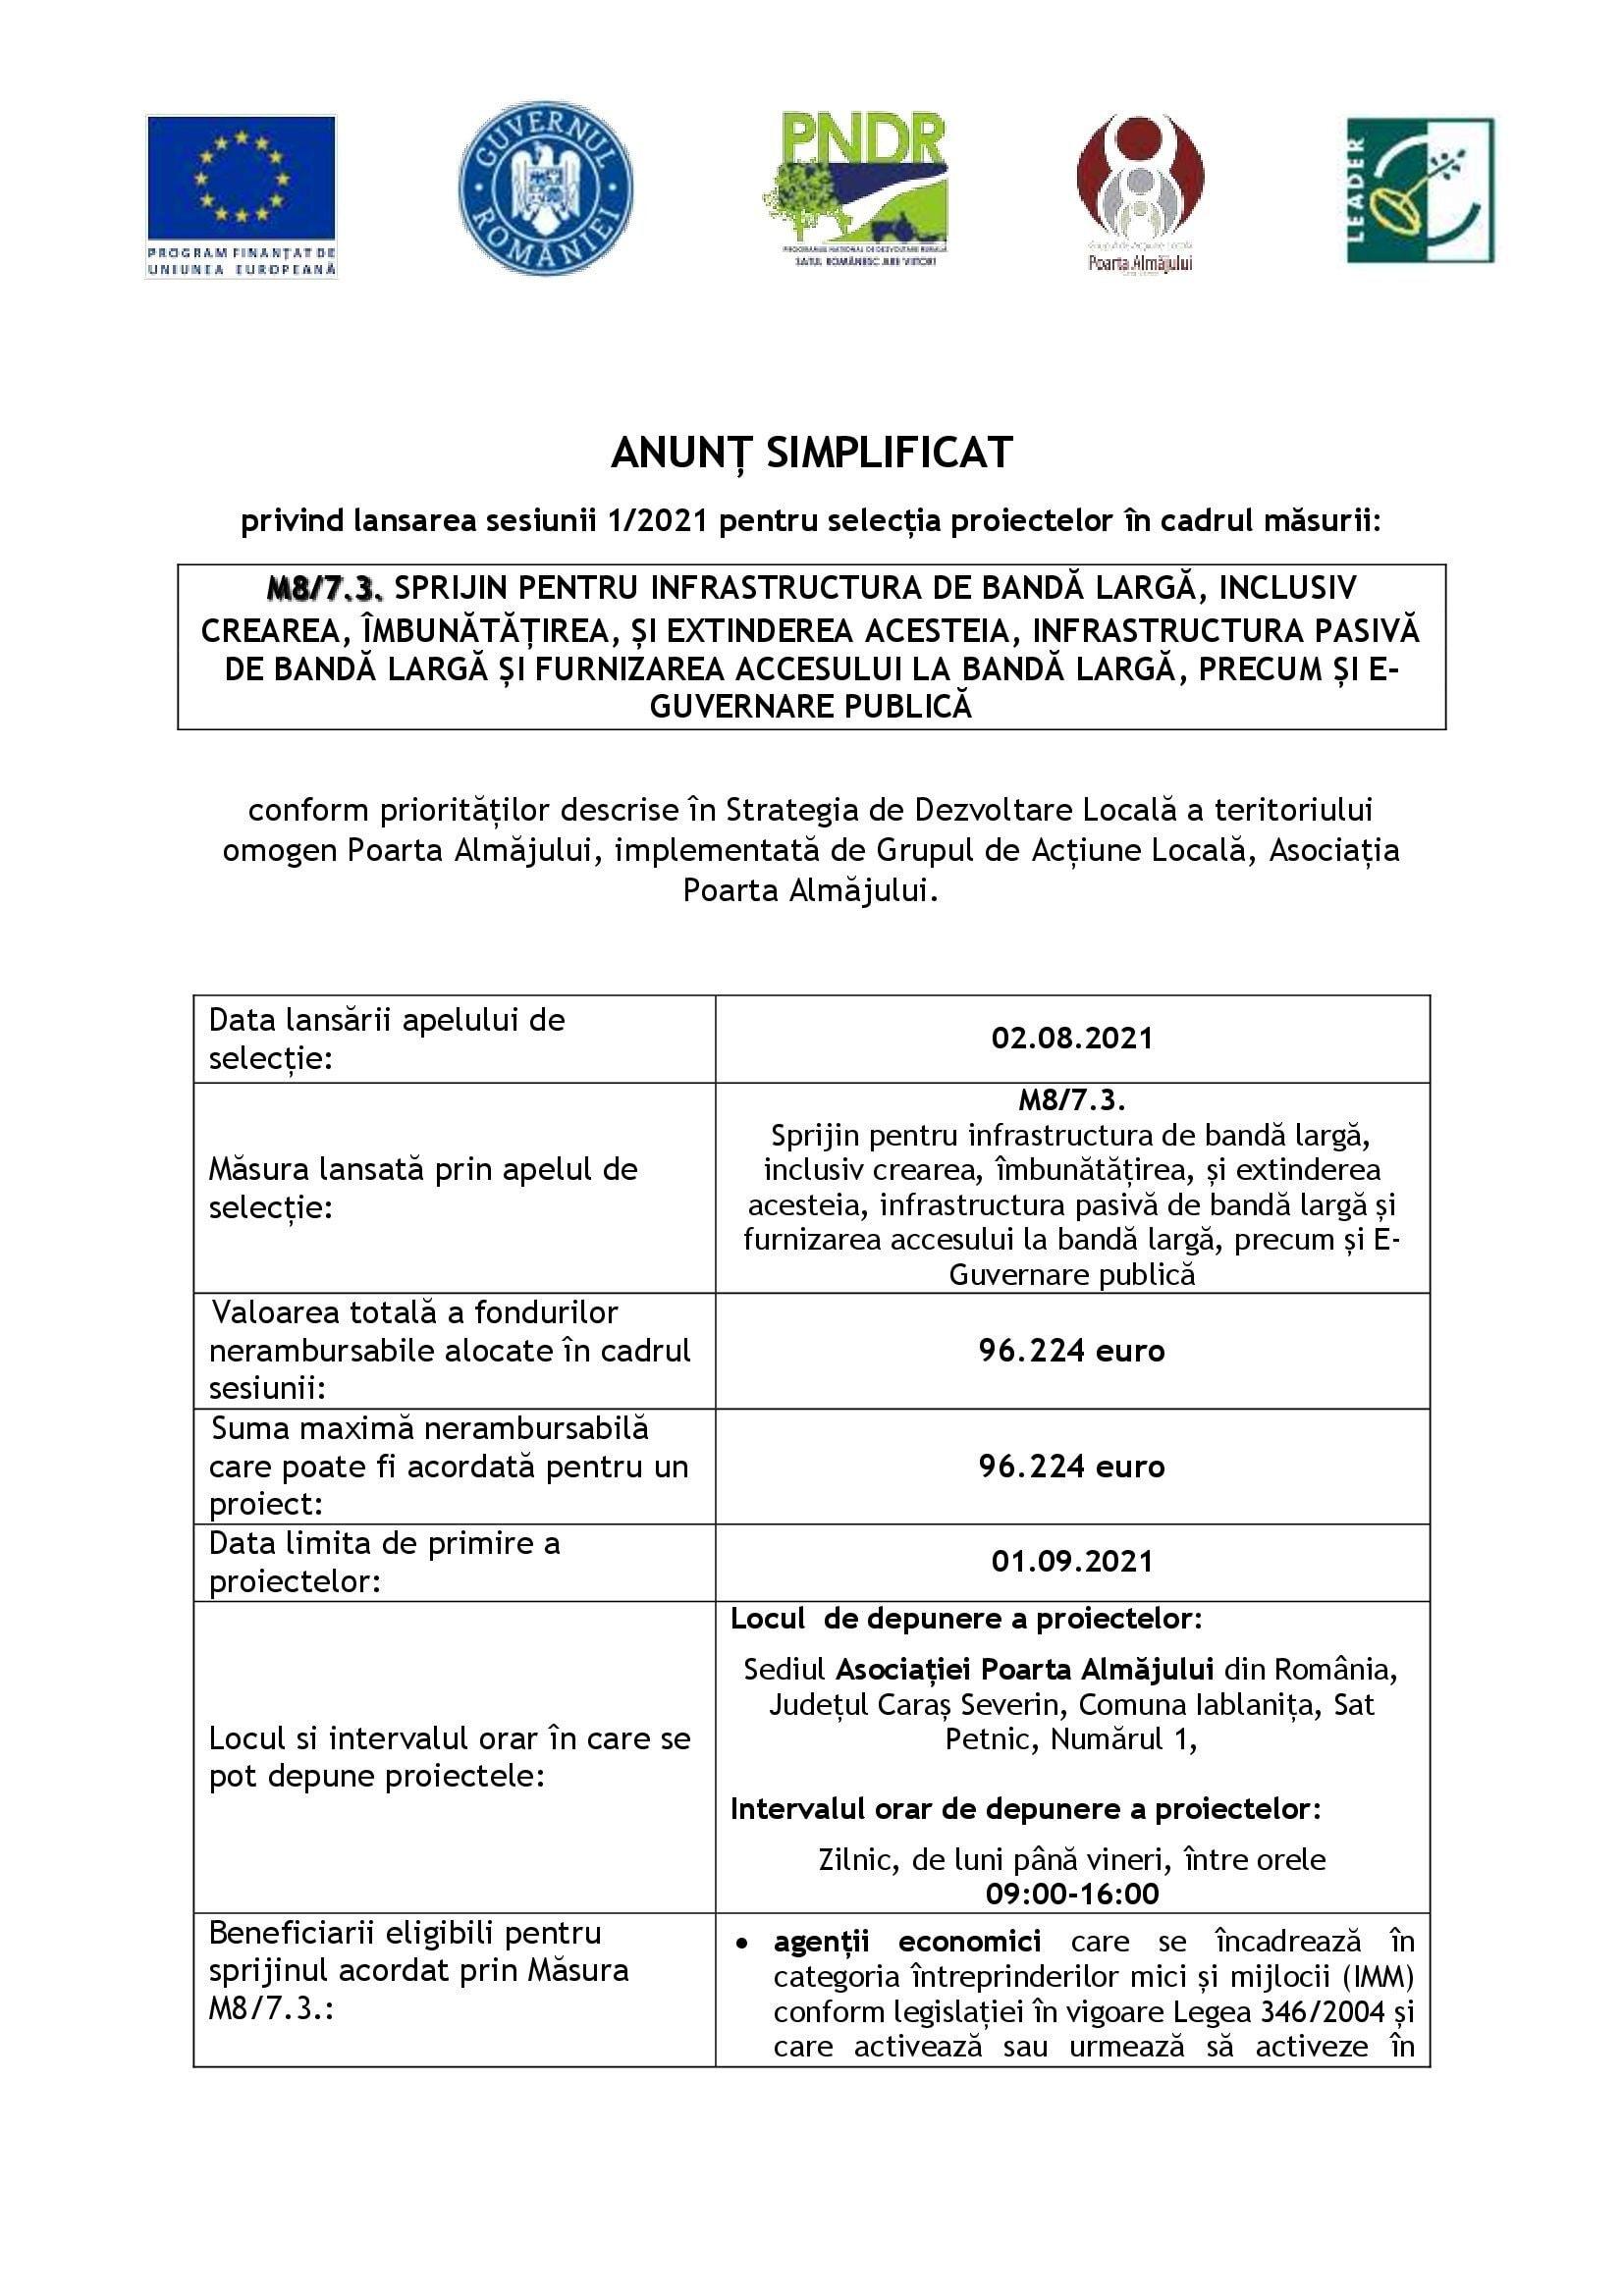 13.anunt lansare simplificat m8 7.3 00001